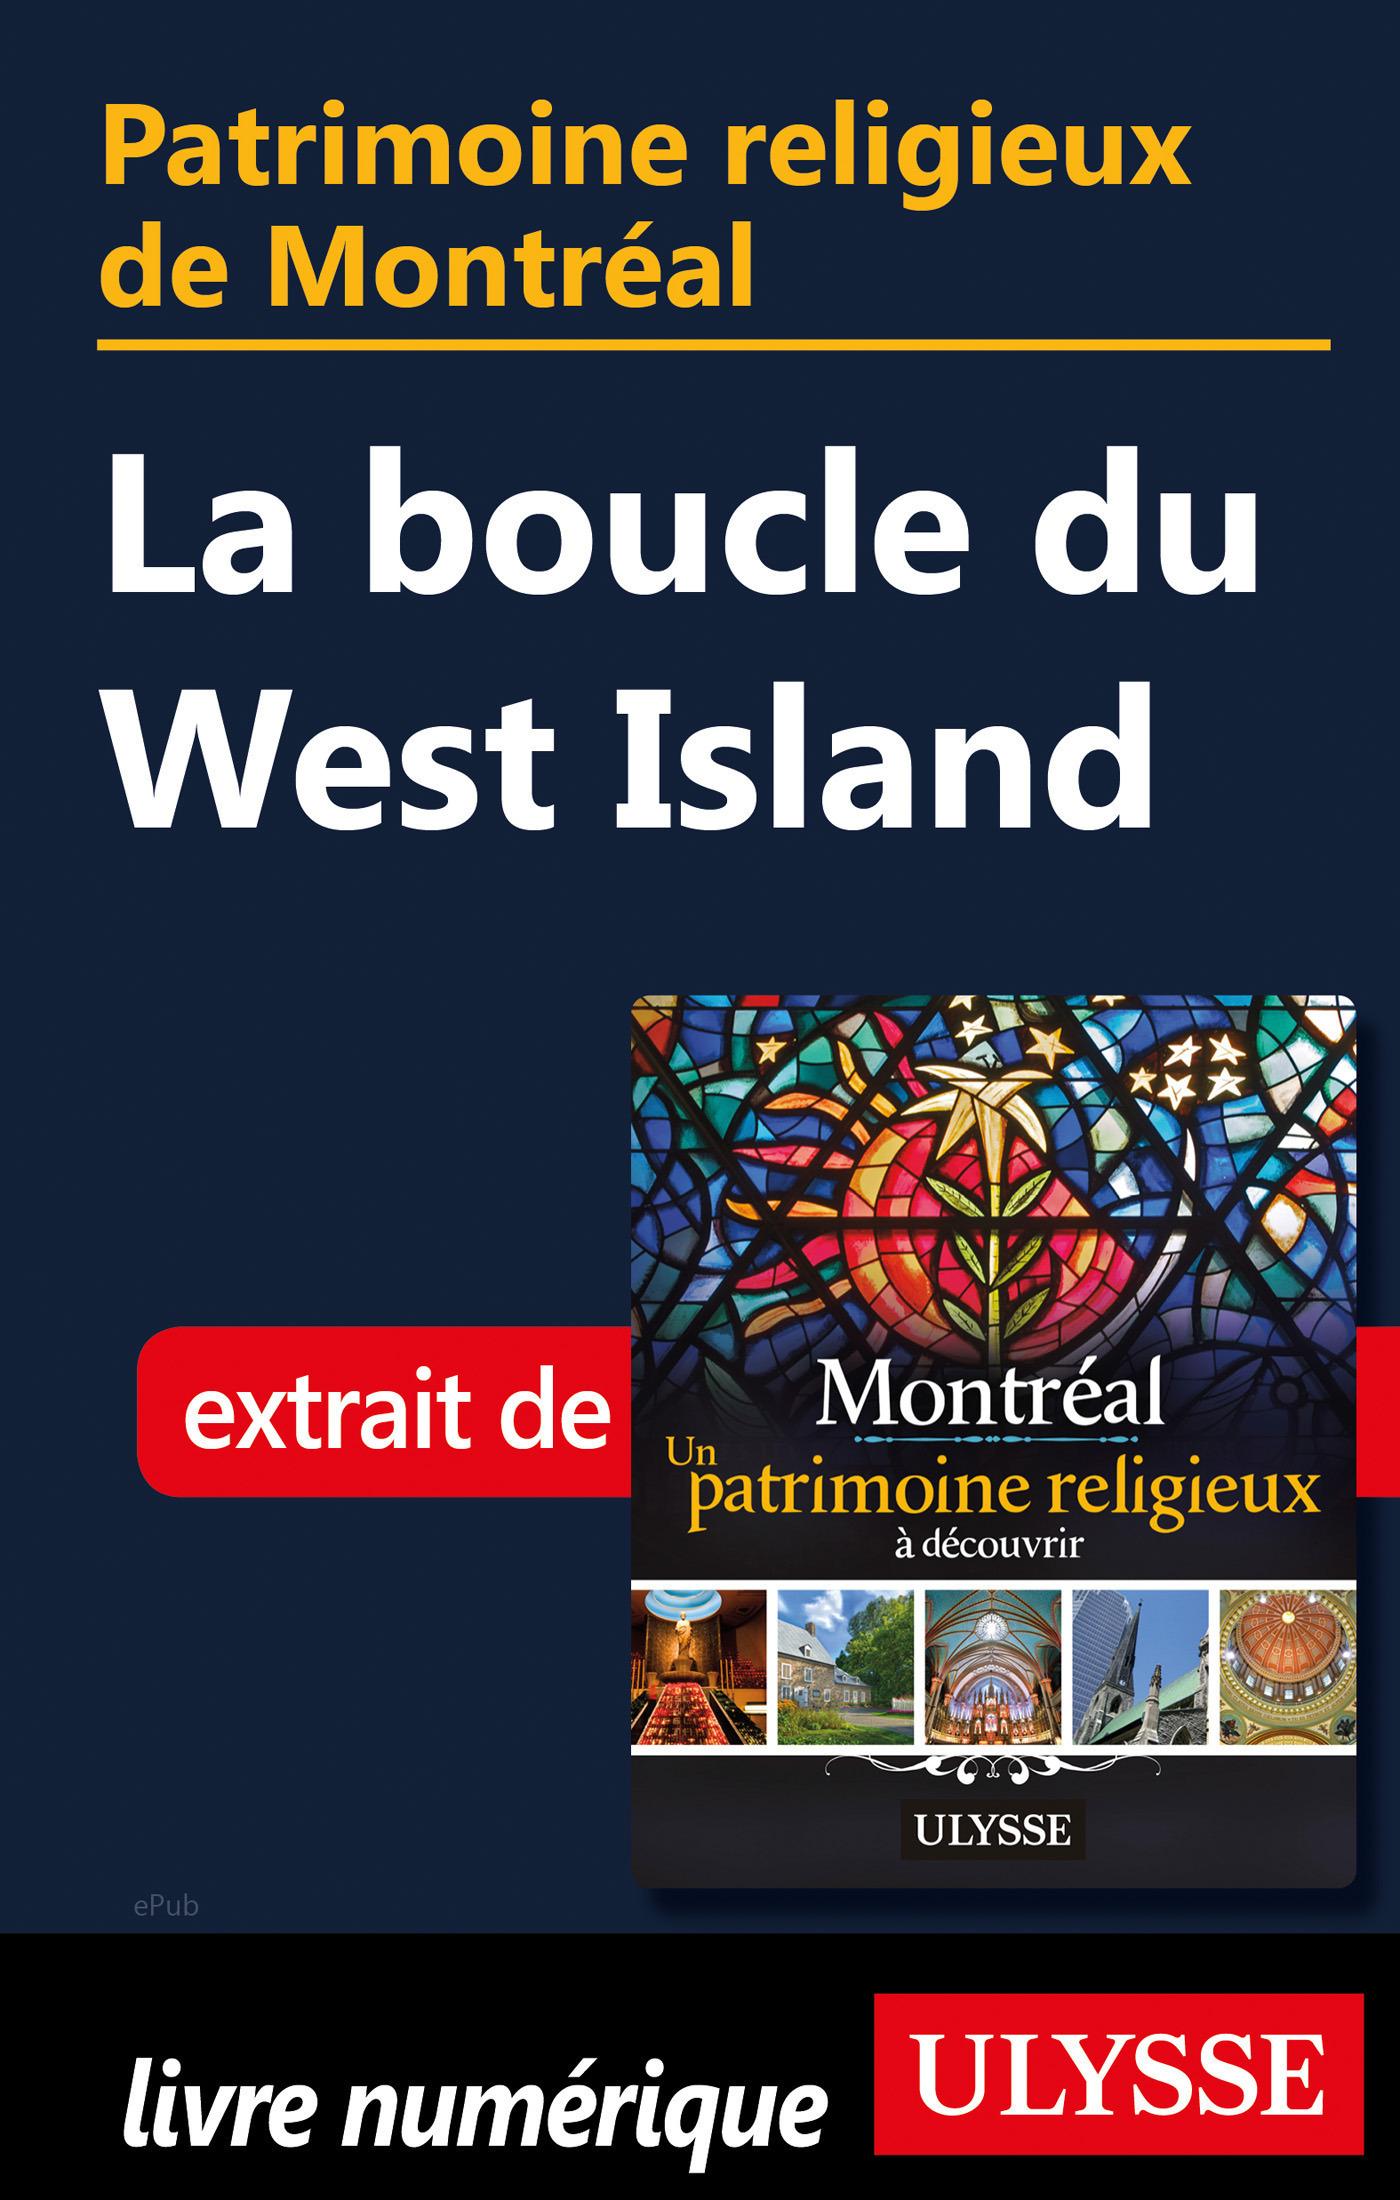 Patrimoine religieux de Montréal - La boucle du West Island